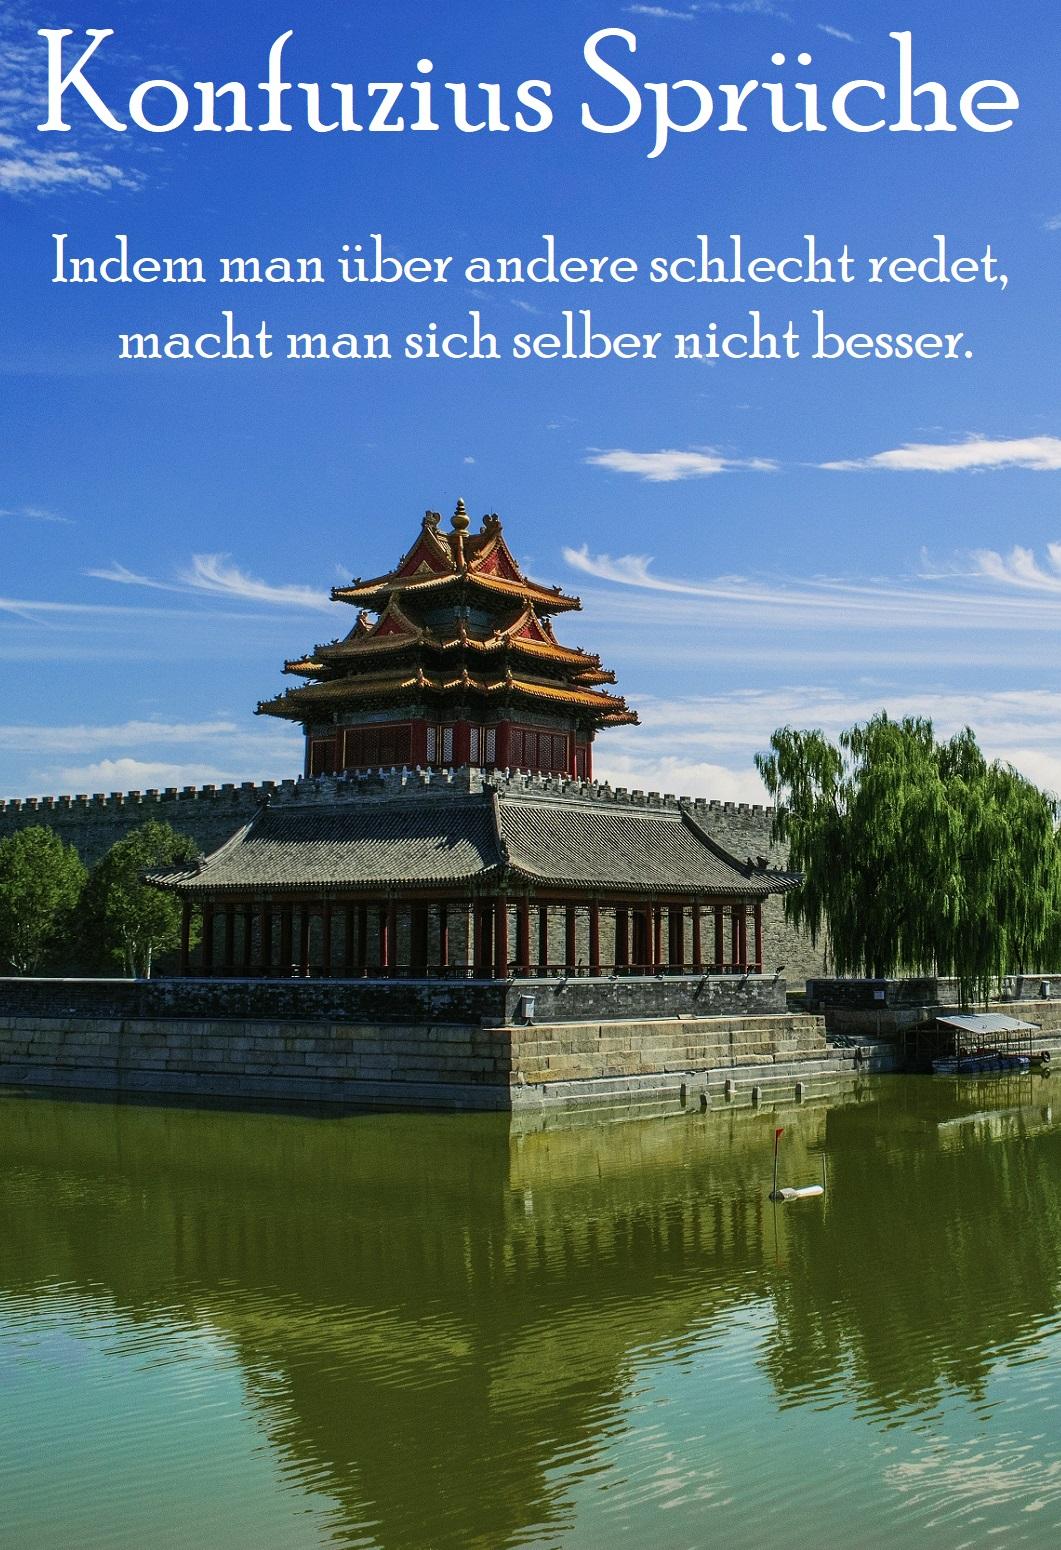 Konfuzius Spruch verwenden